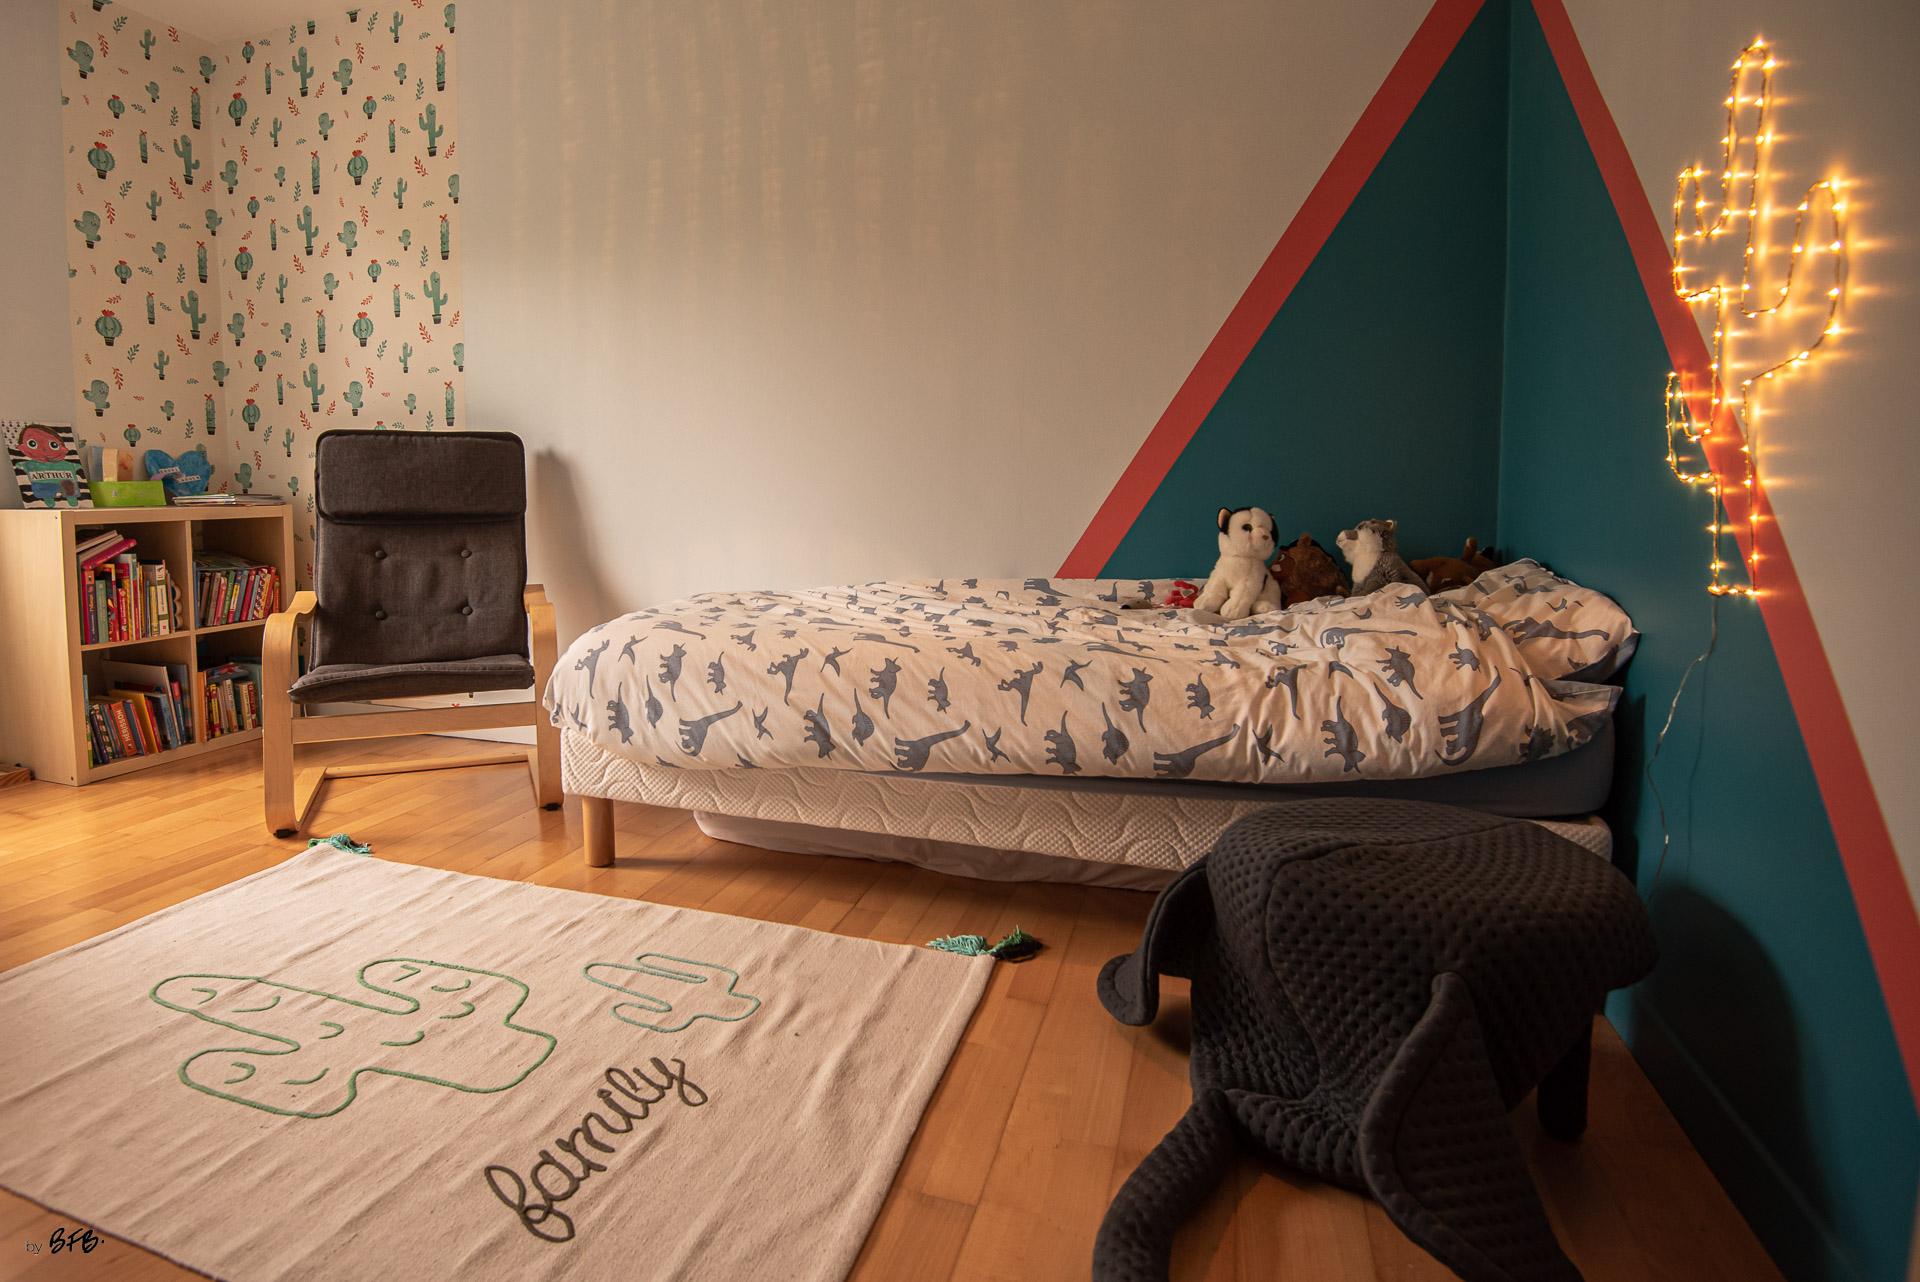 Création ambiance, rénovation, extension, maison à Brest, by Agence BFB Morbihan & Ile de Ré, chambre petit garçon et sa tente peinte sur le mur